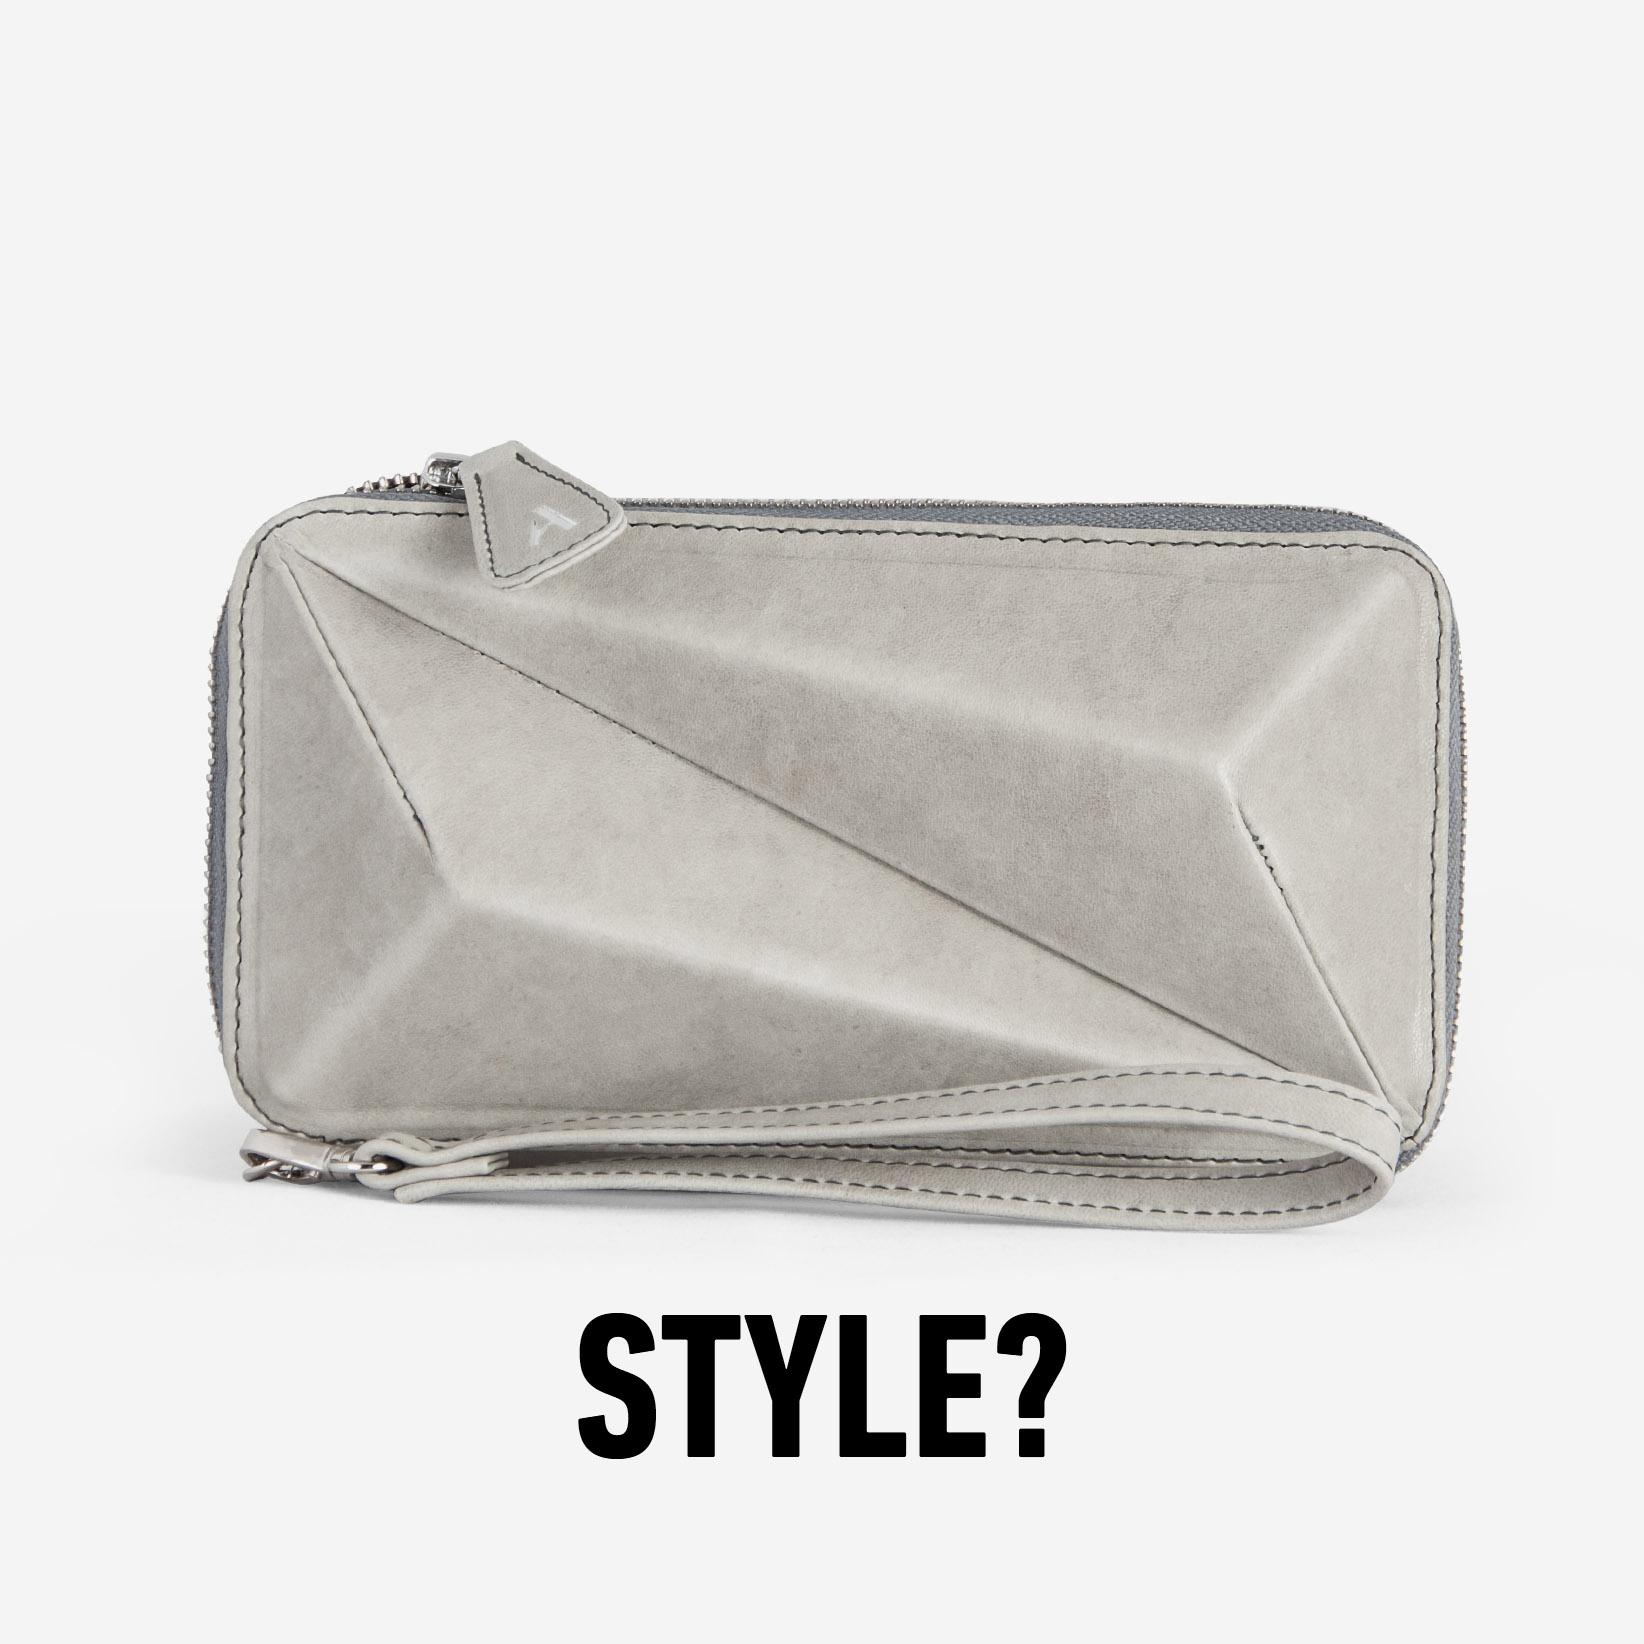 4_arutti_welcher_style_ist_dein_style